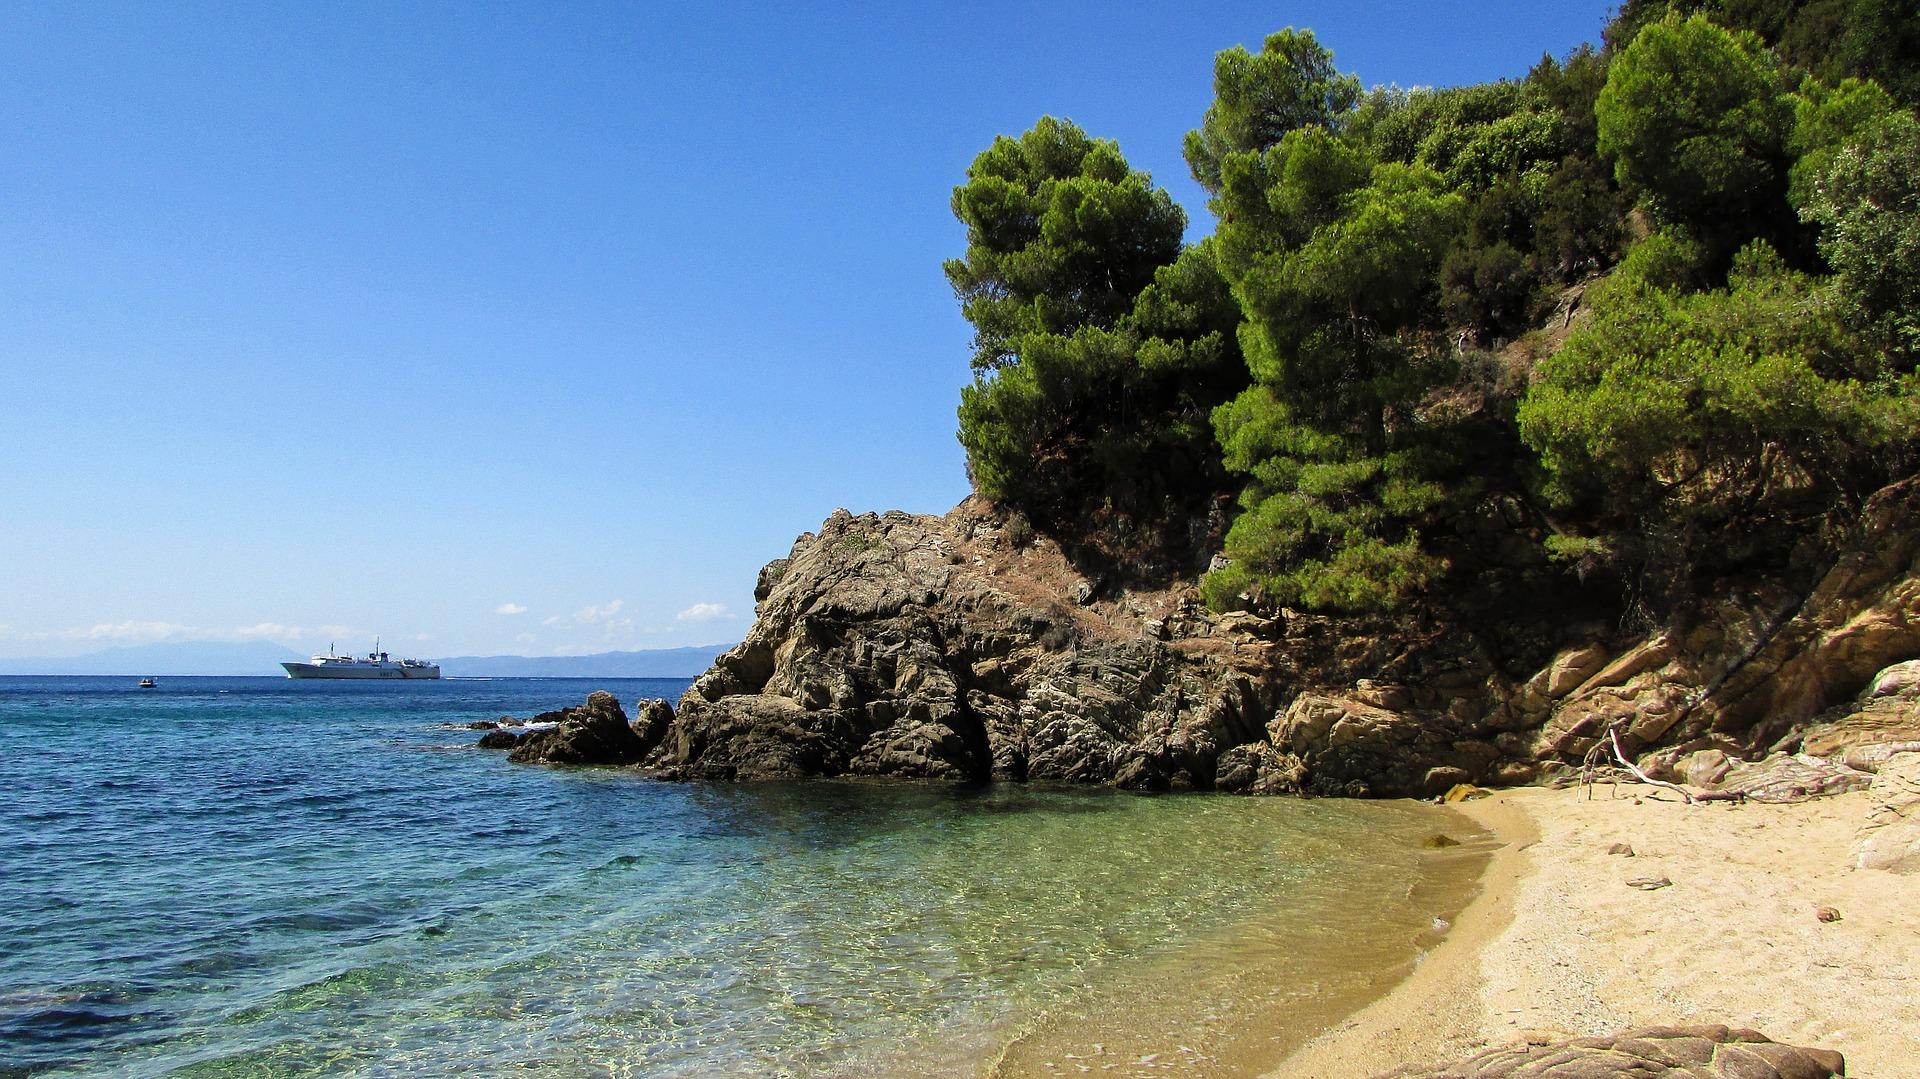 Greek beach in Halkidiki